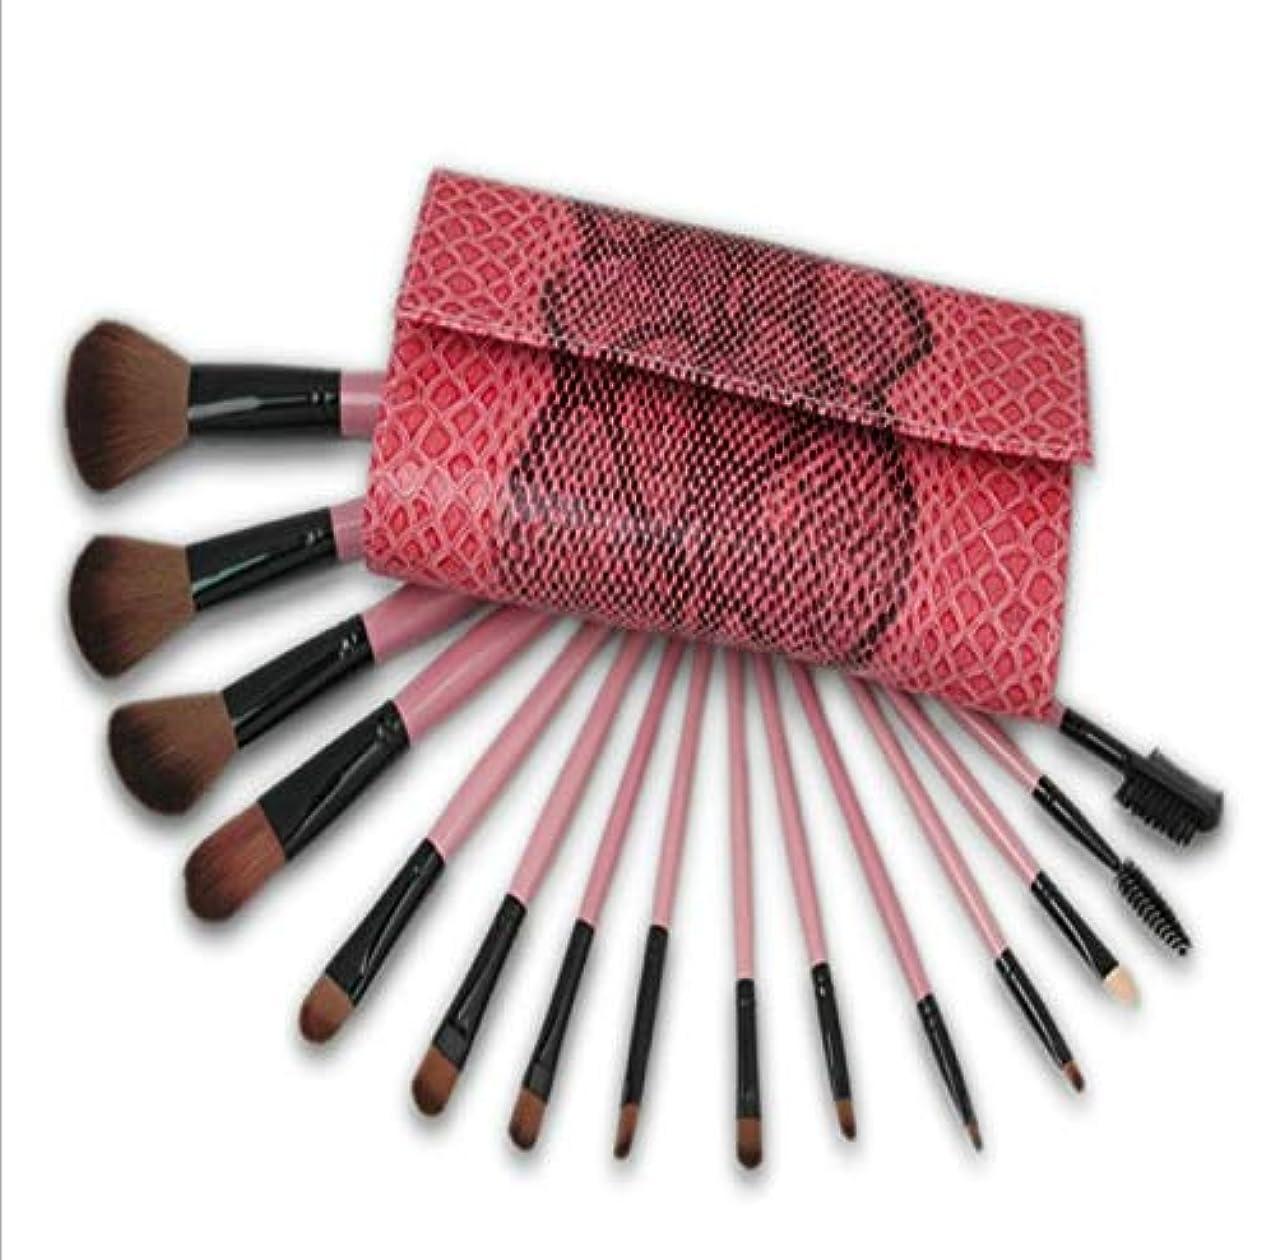 行く資源フルーティーSfHx 化粧ブラシセット、ピンクの蛇化粧バッグ付き15化粧ブラシセット、プロの化粧ブラシ化粧ギフト